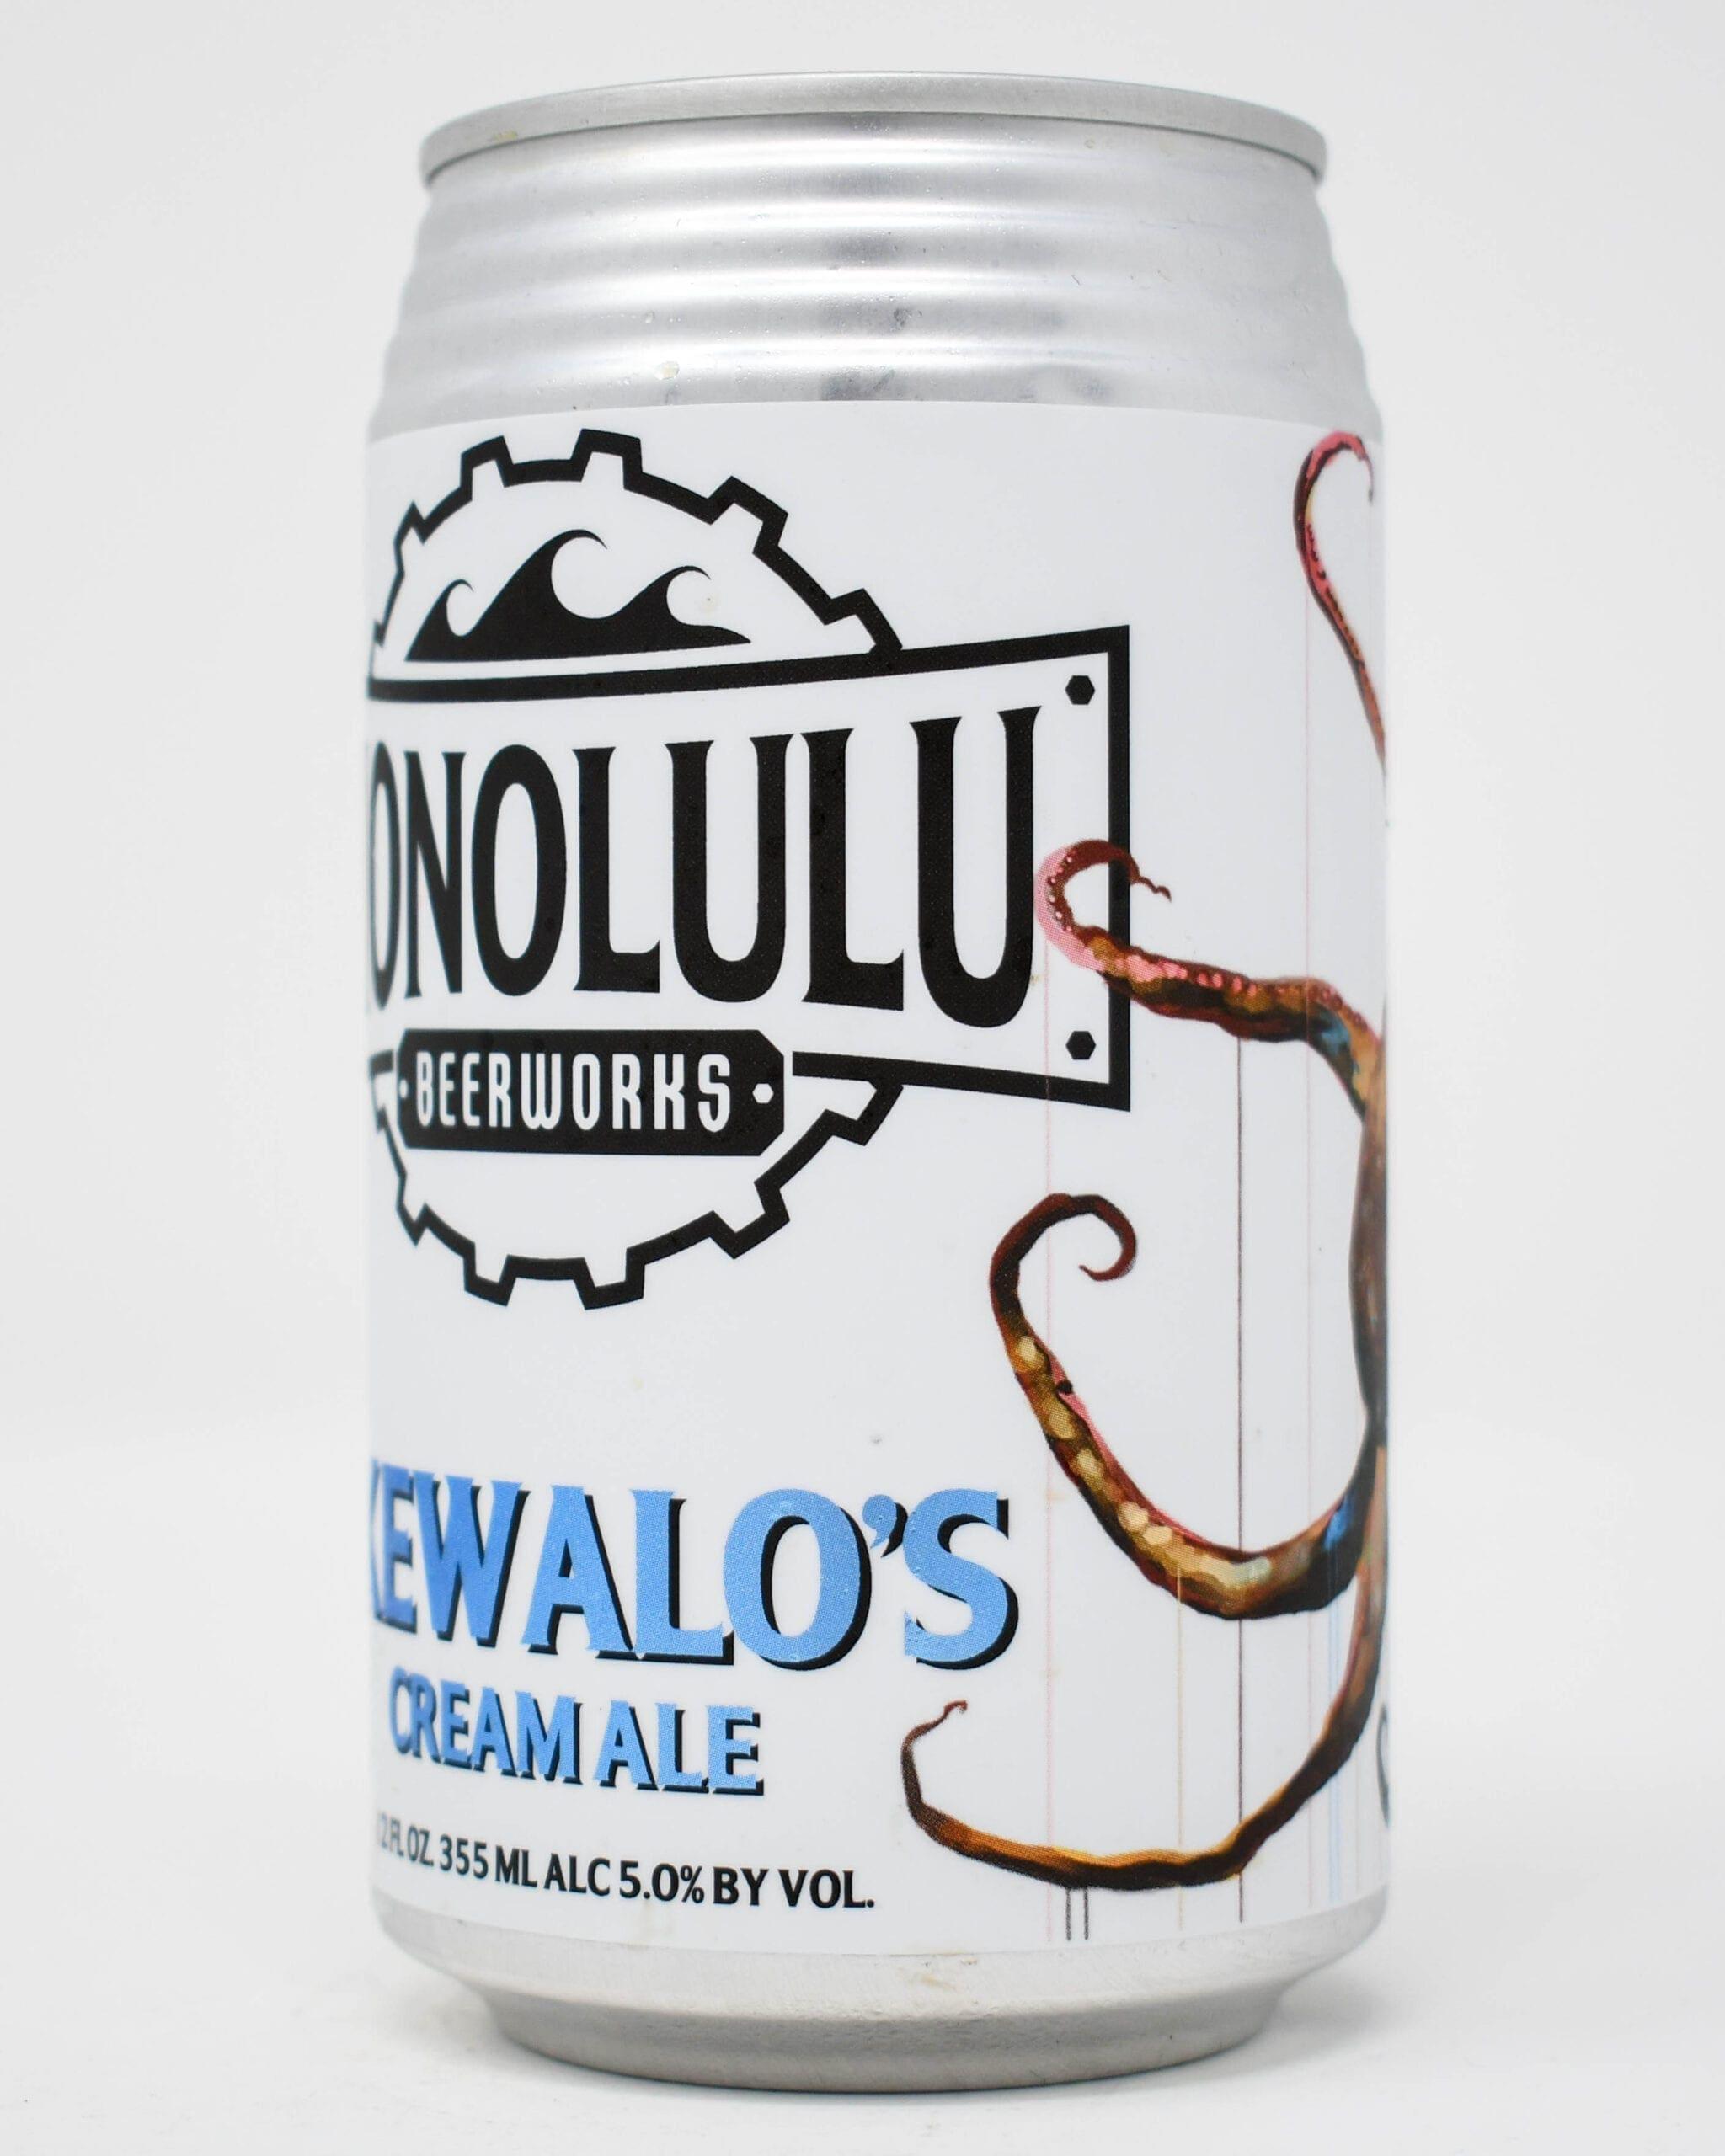 Honolulu Beerworks, Kewalo's Cream Ale